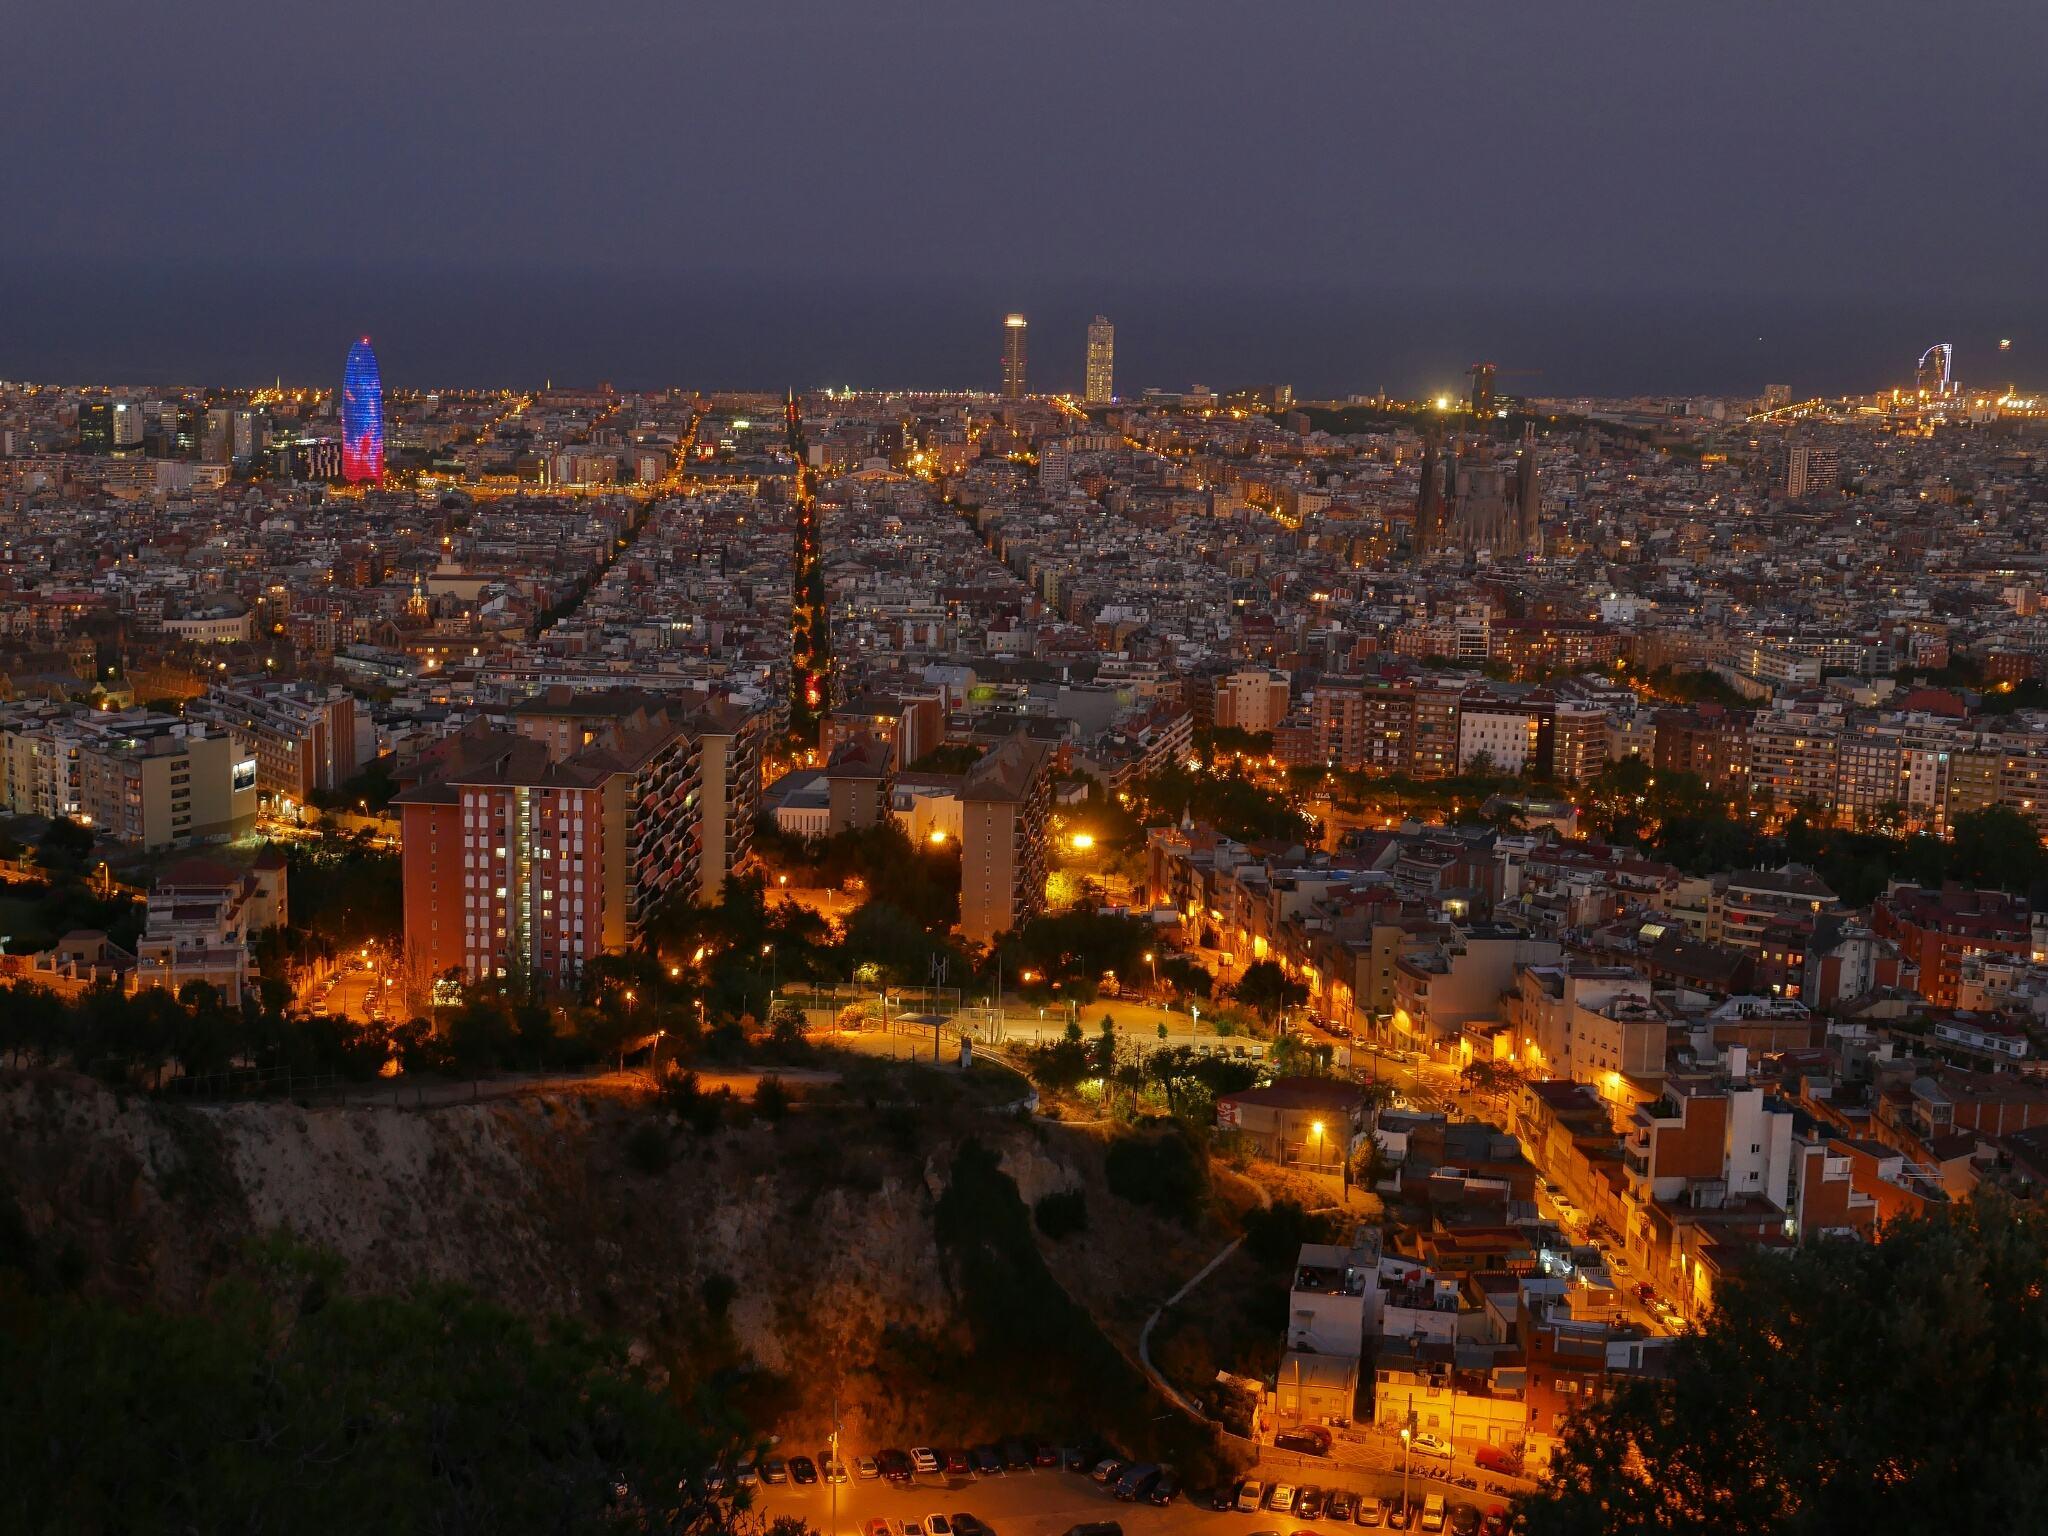 Barcelona – atomosféra dalších dní